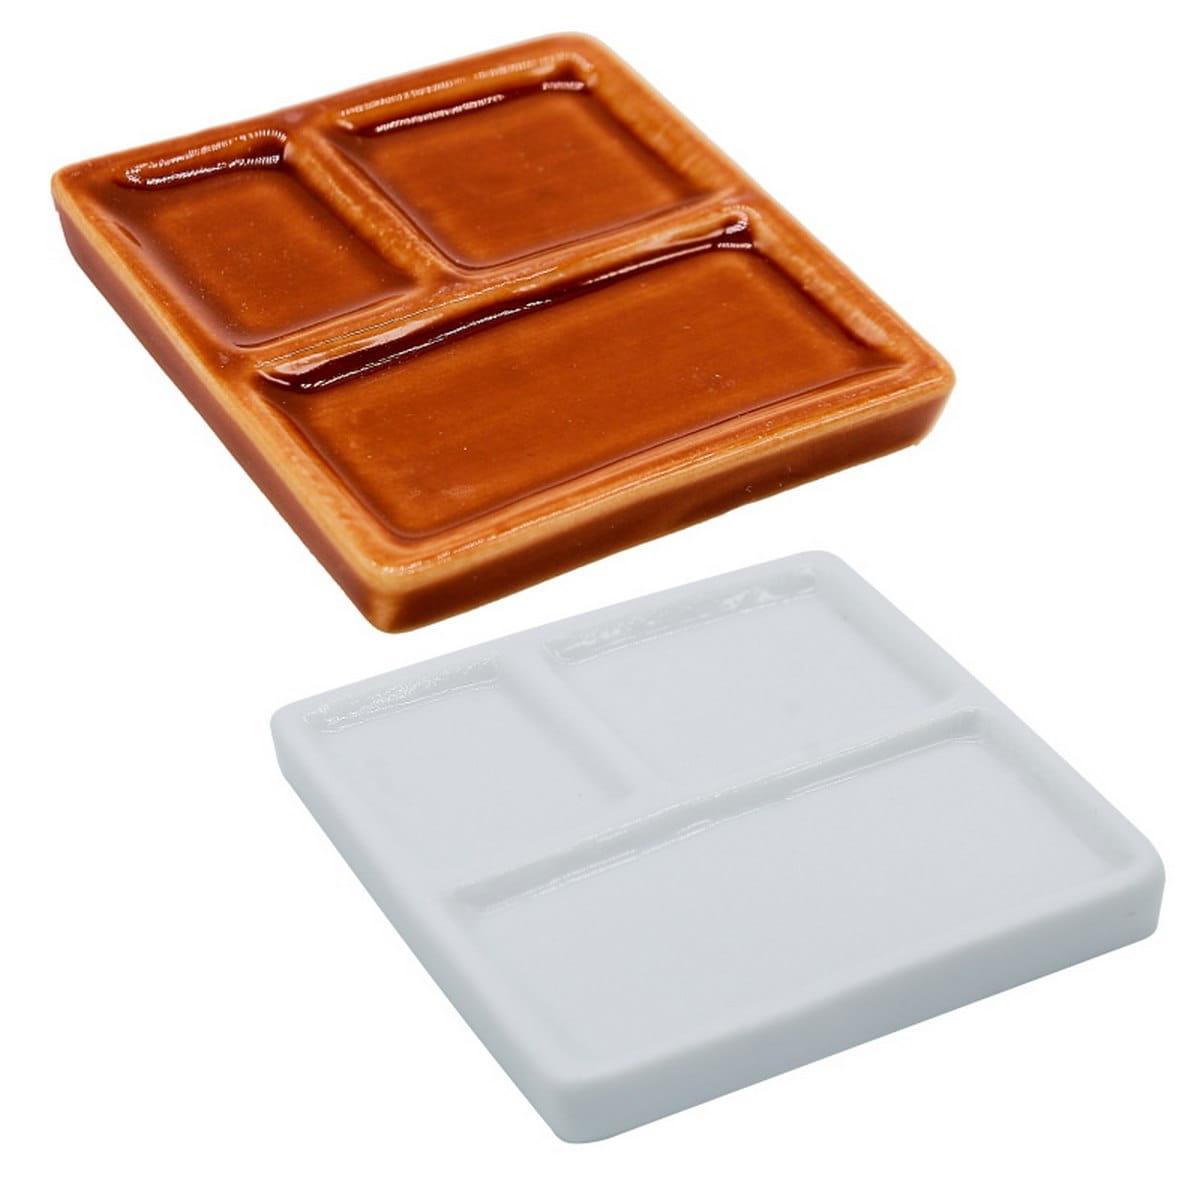 Miniature Ceramic 3in1 Plate Square Shape Brown